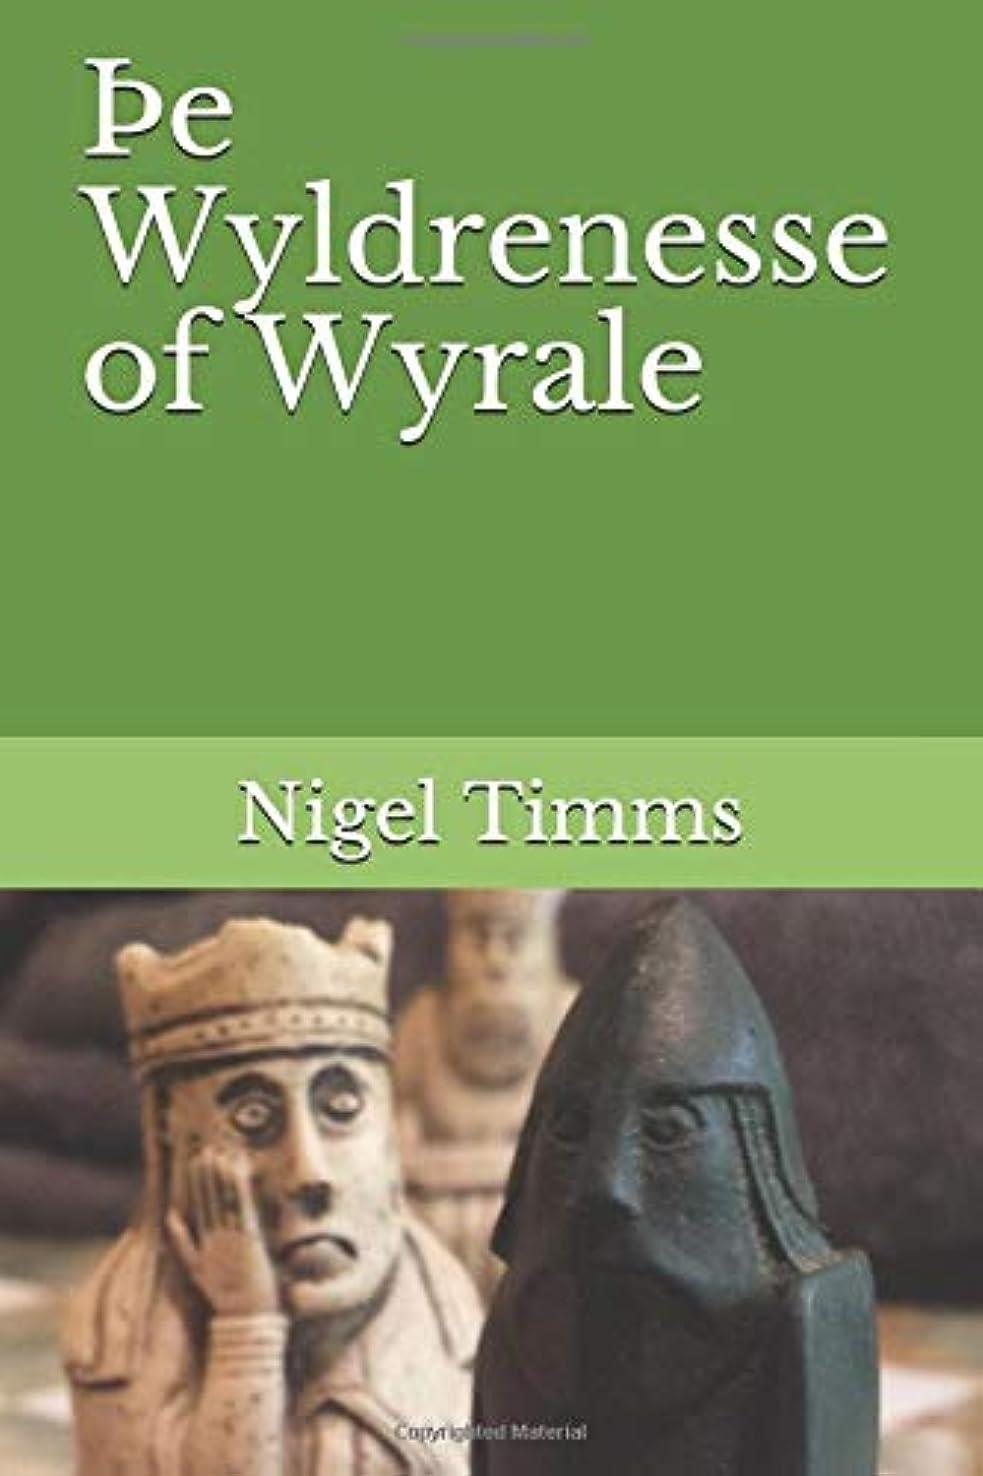 お差別するキリストTe Wyldrenesse of Wyrale